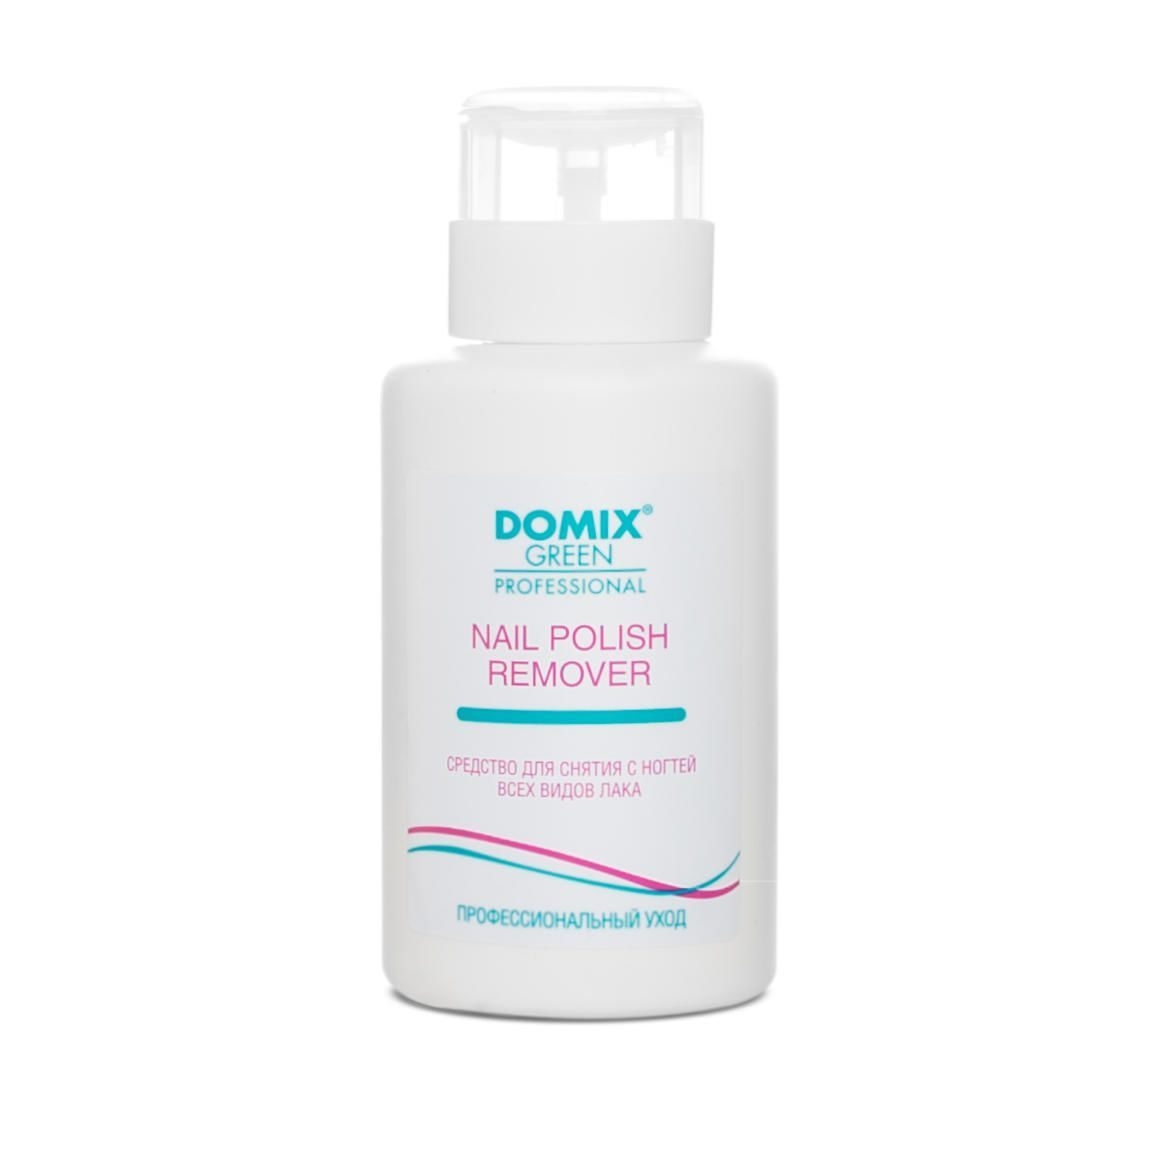 Domix Средство Domix Nail Polish Remover With Aceton для Снятия всех Видов Лака, 255 мл цена